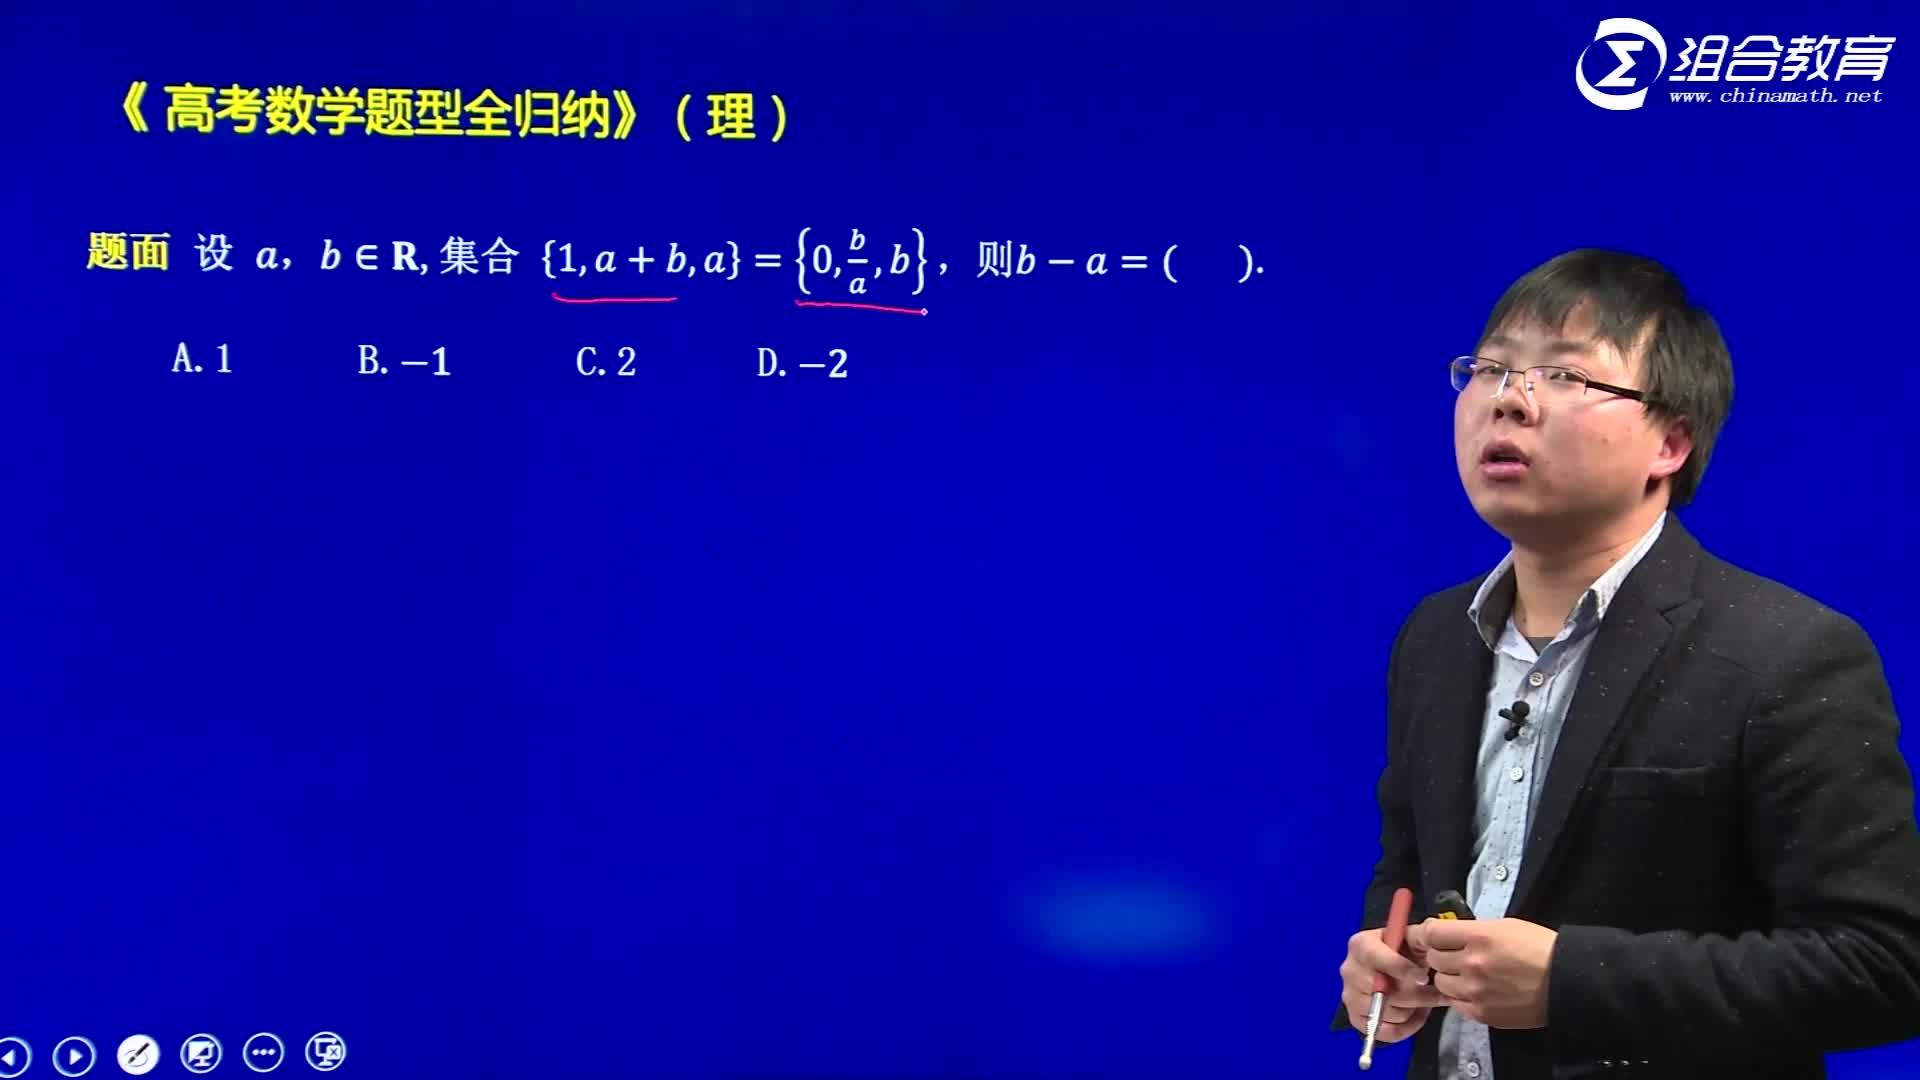 【体验】视频01 集合与常用逻辑用语(一)-【洞穿高考】2020版高考理科数学题型全归纳